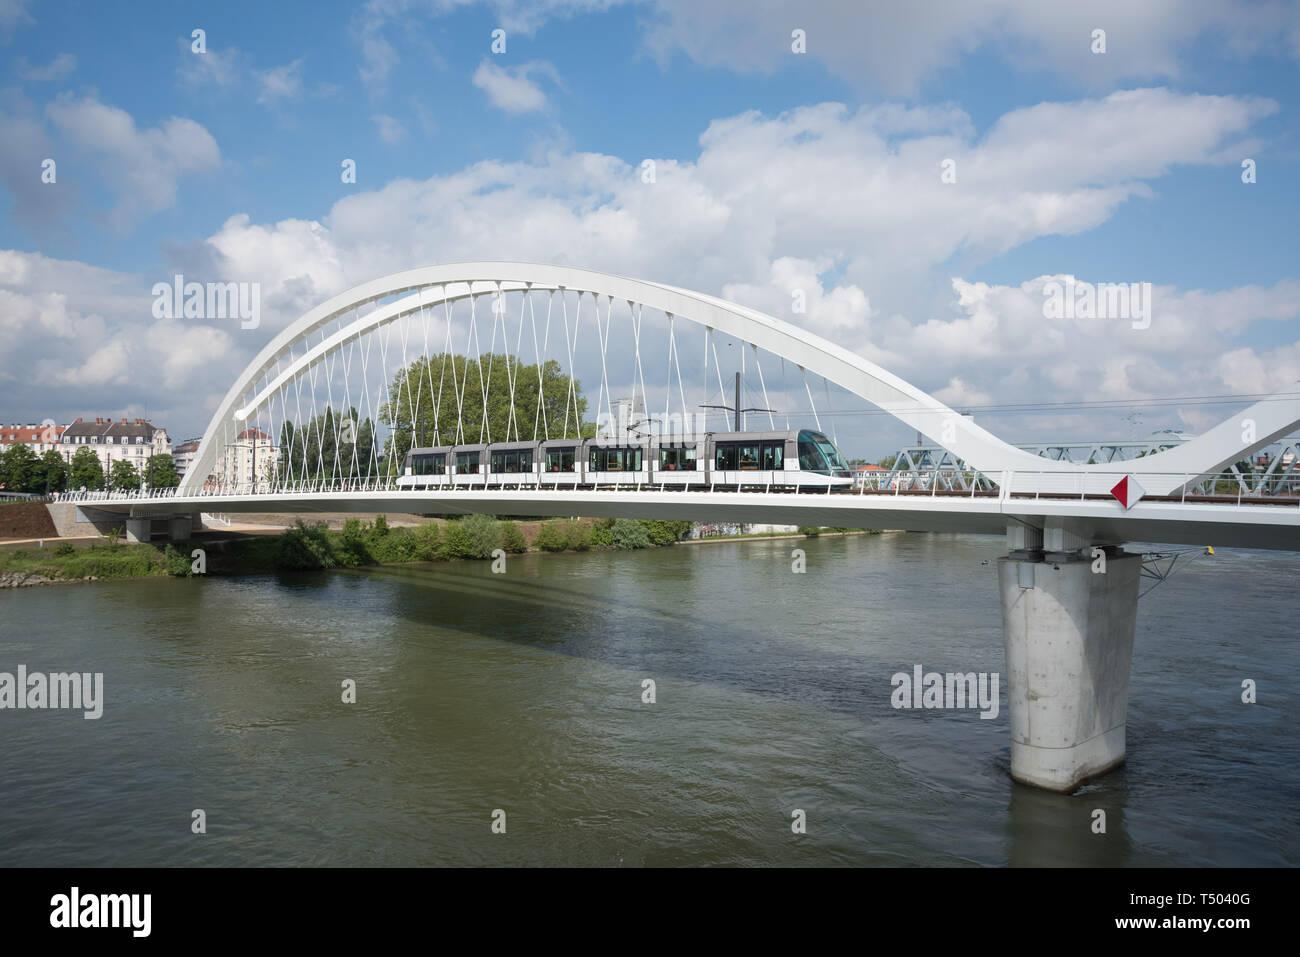 Die Beatus-Rhenanus-Brücke bzw. Trambrücke Kehl ist eine Brücke für Straßenbahnen, Fußgänger und Radfahrer, die zwischen Kehl und Straßburg den Rhein  Stock Photo